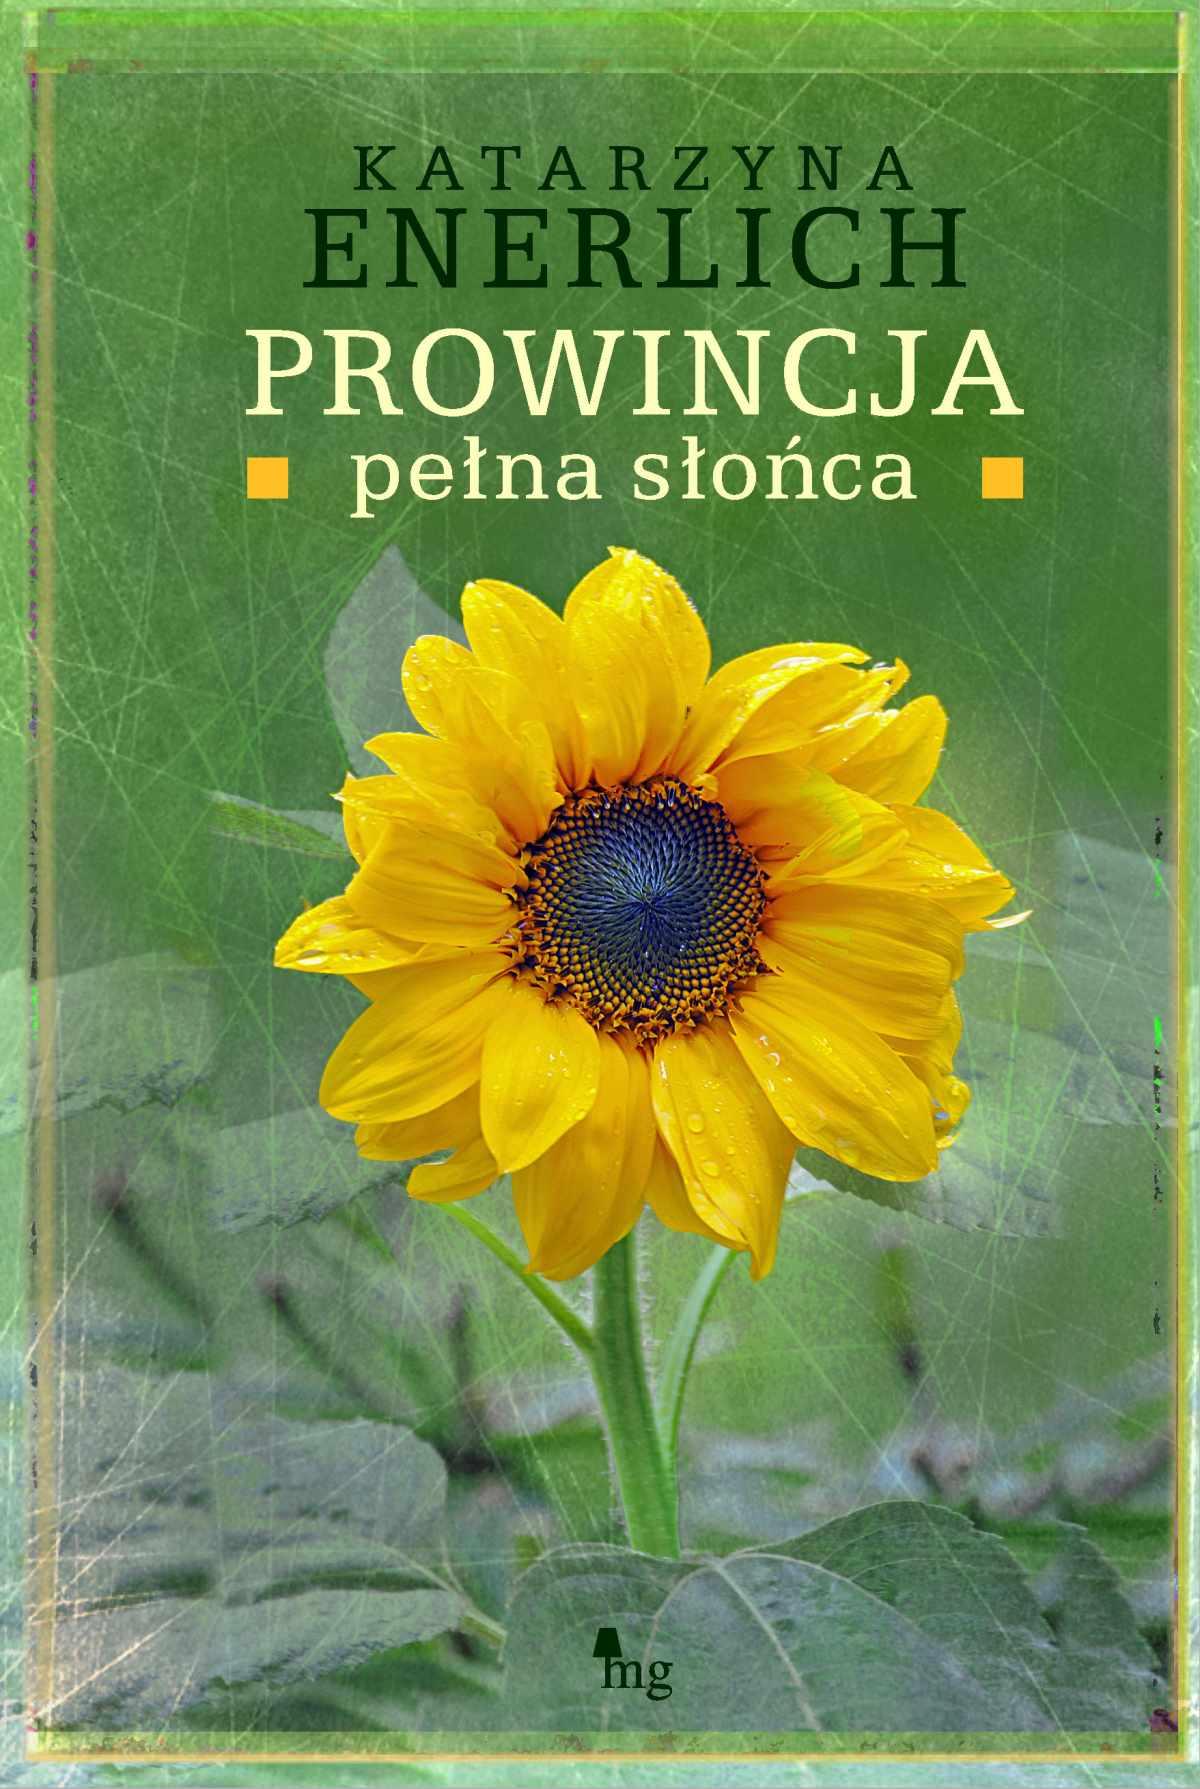 Prowincja pełna słońca - Ebook (Książka na Kindle) do pobrania w formacie MOBI